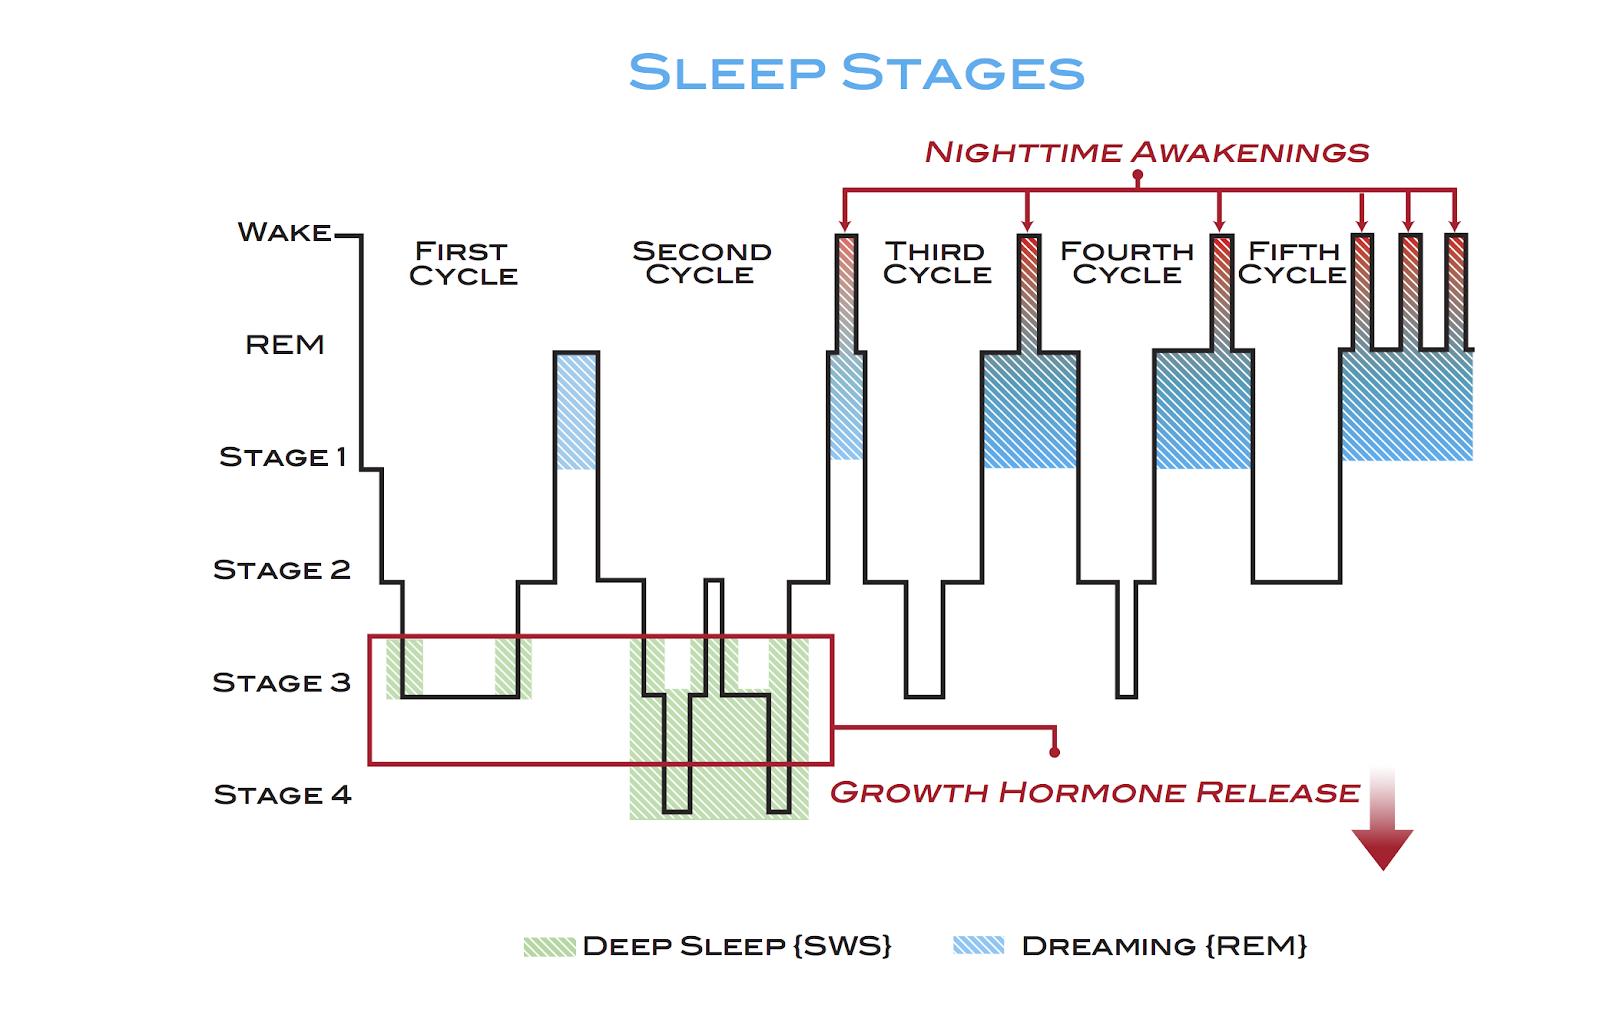 Hipnograma: Fases del sueño.